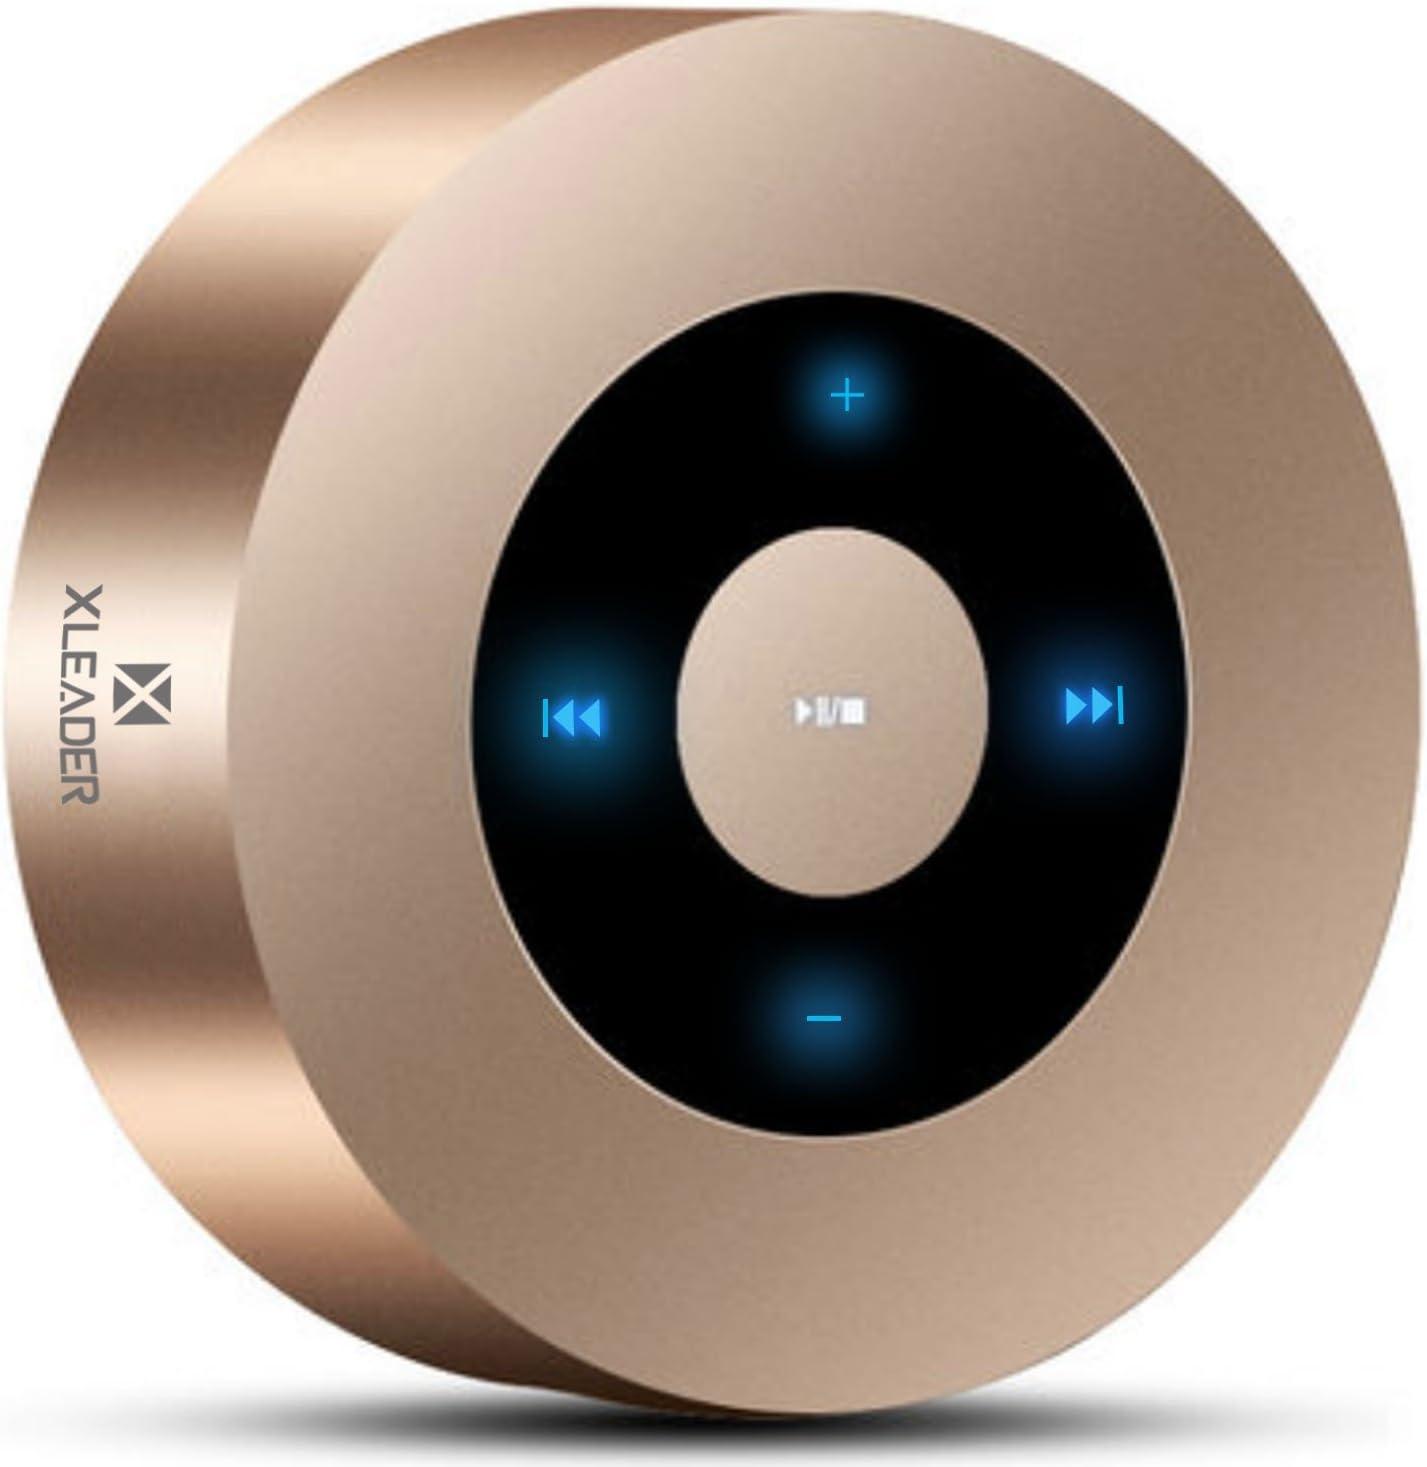 [Diseño LED Tacto] Altavoz Bluetooth, XLEADER Altavoces Bluetooth Portátiles con Sonido HD/12-15 Horas de reproducción/Soporte Micro SD, para iPhone,Samsung,iPad,Tableta,Laptop,MacBook,Echo Dot (Oro)